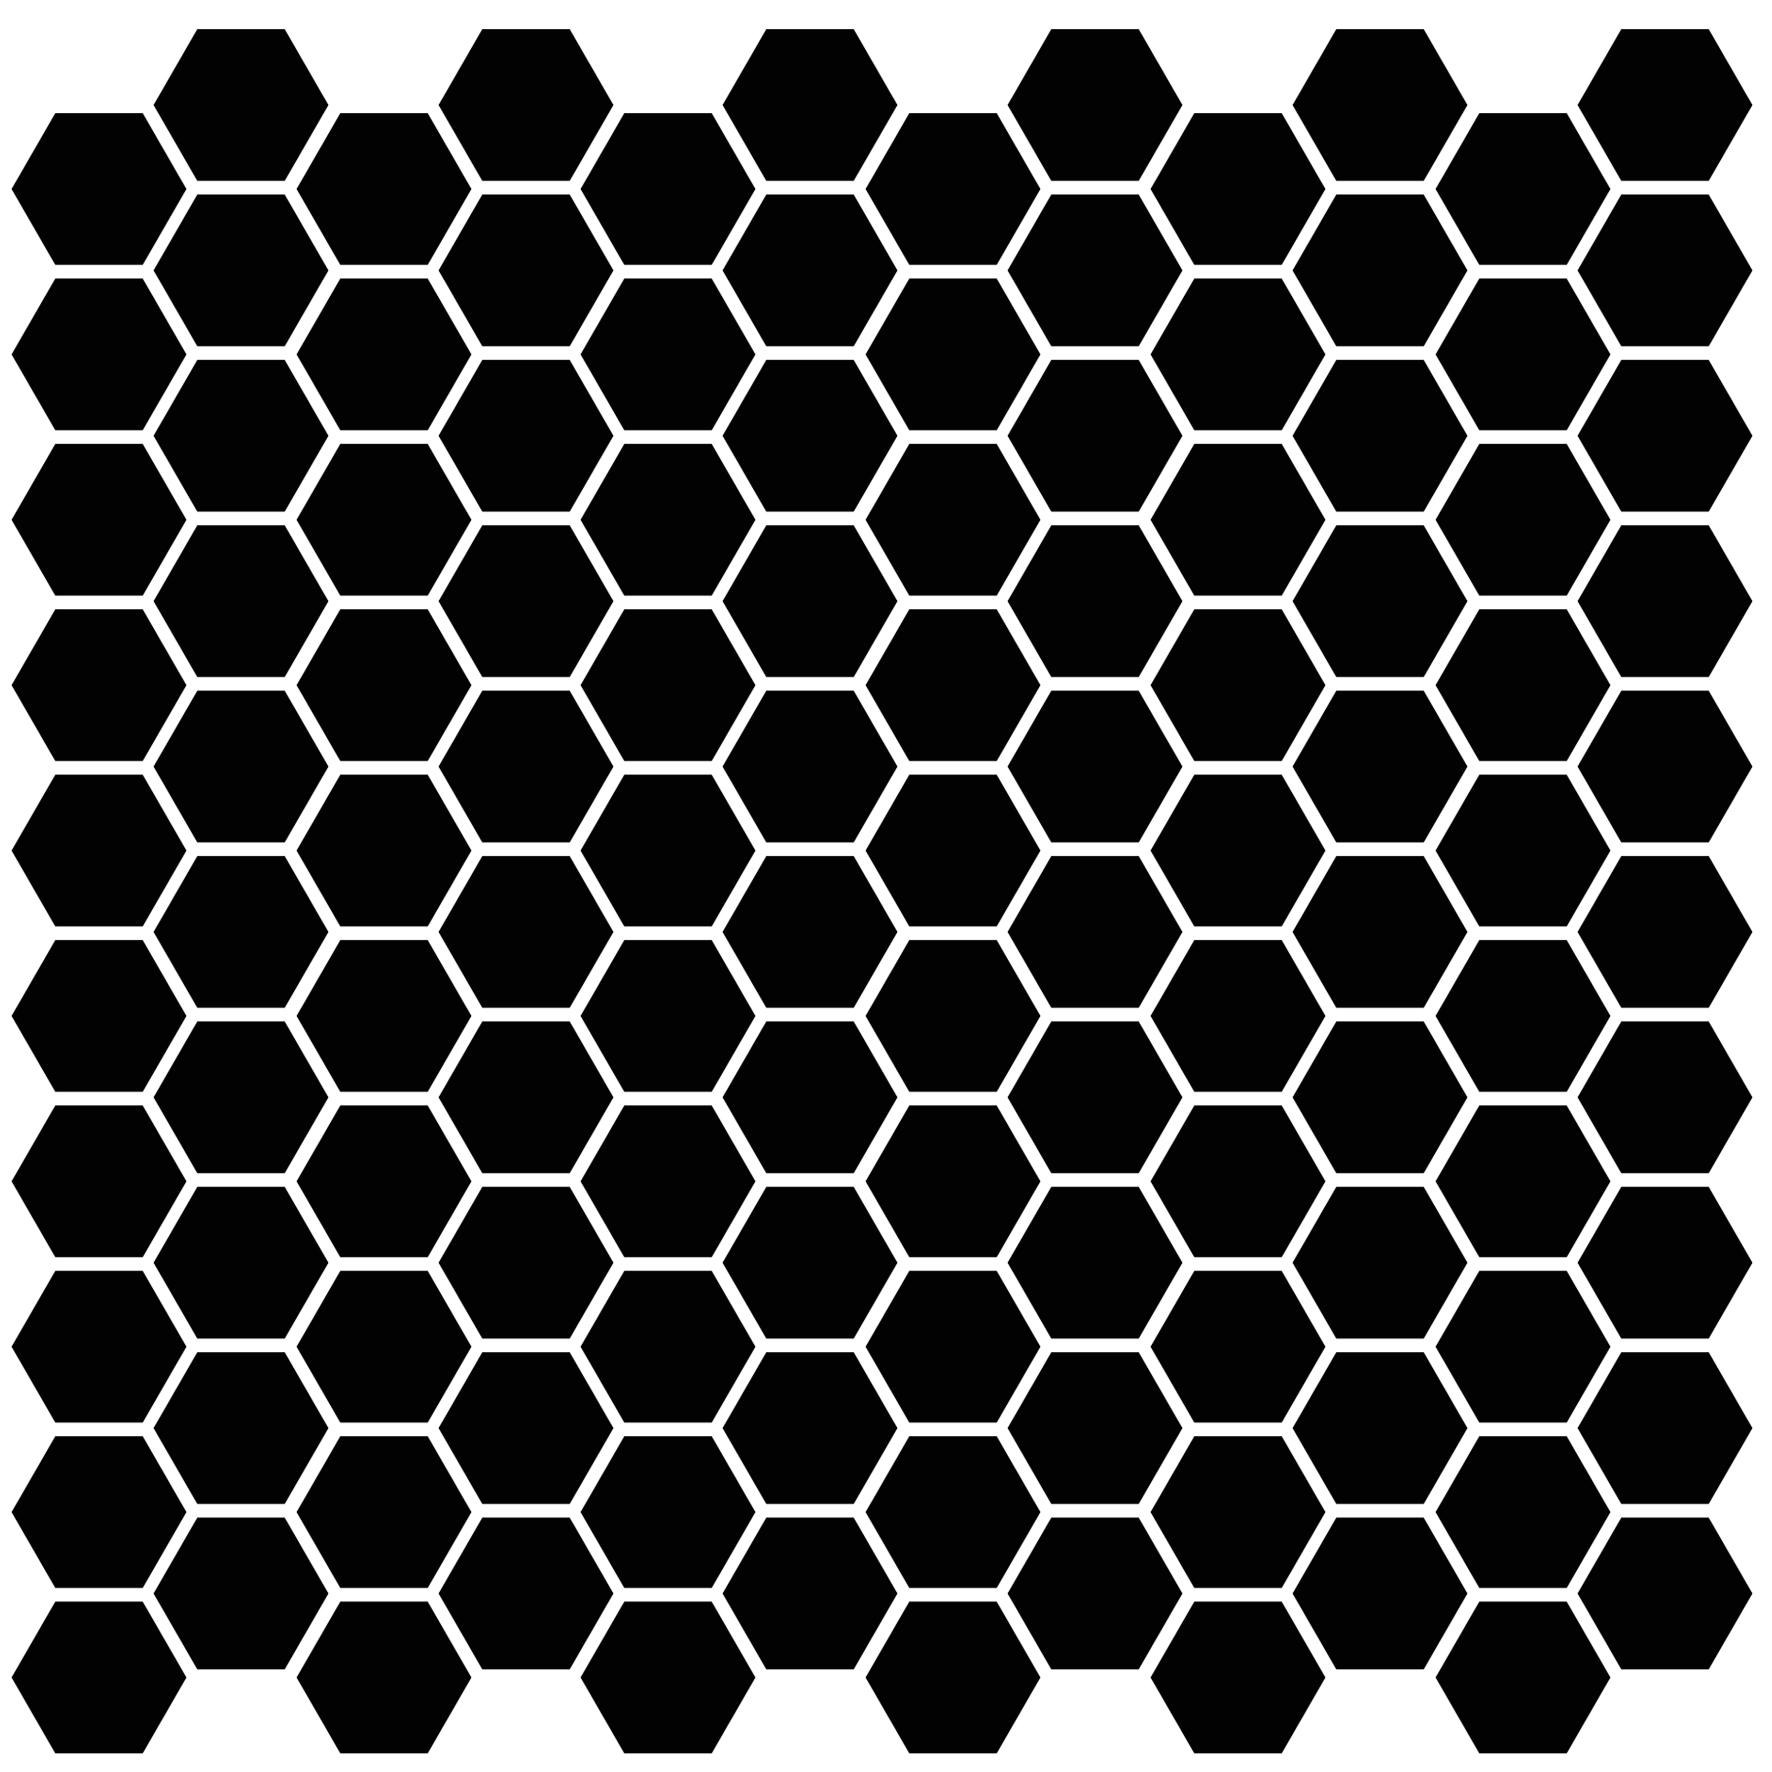 K53012580001VTE0, Miniworx, Musta, mosaiikki,lattia